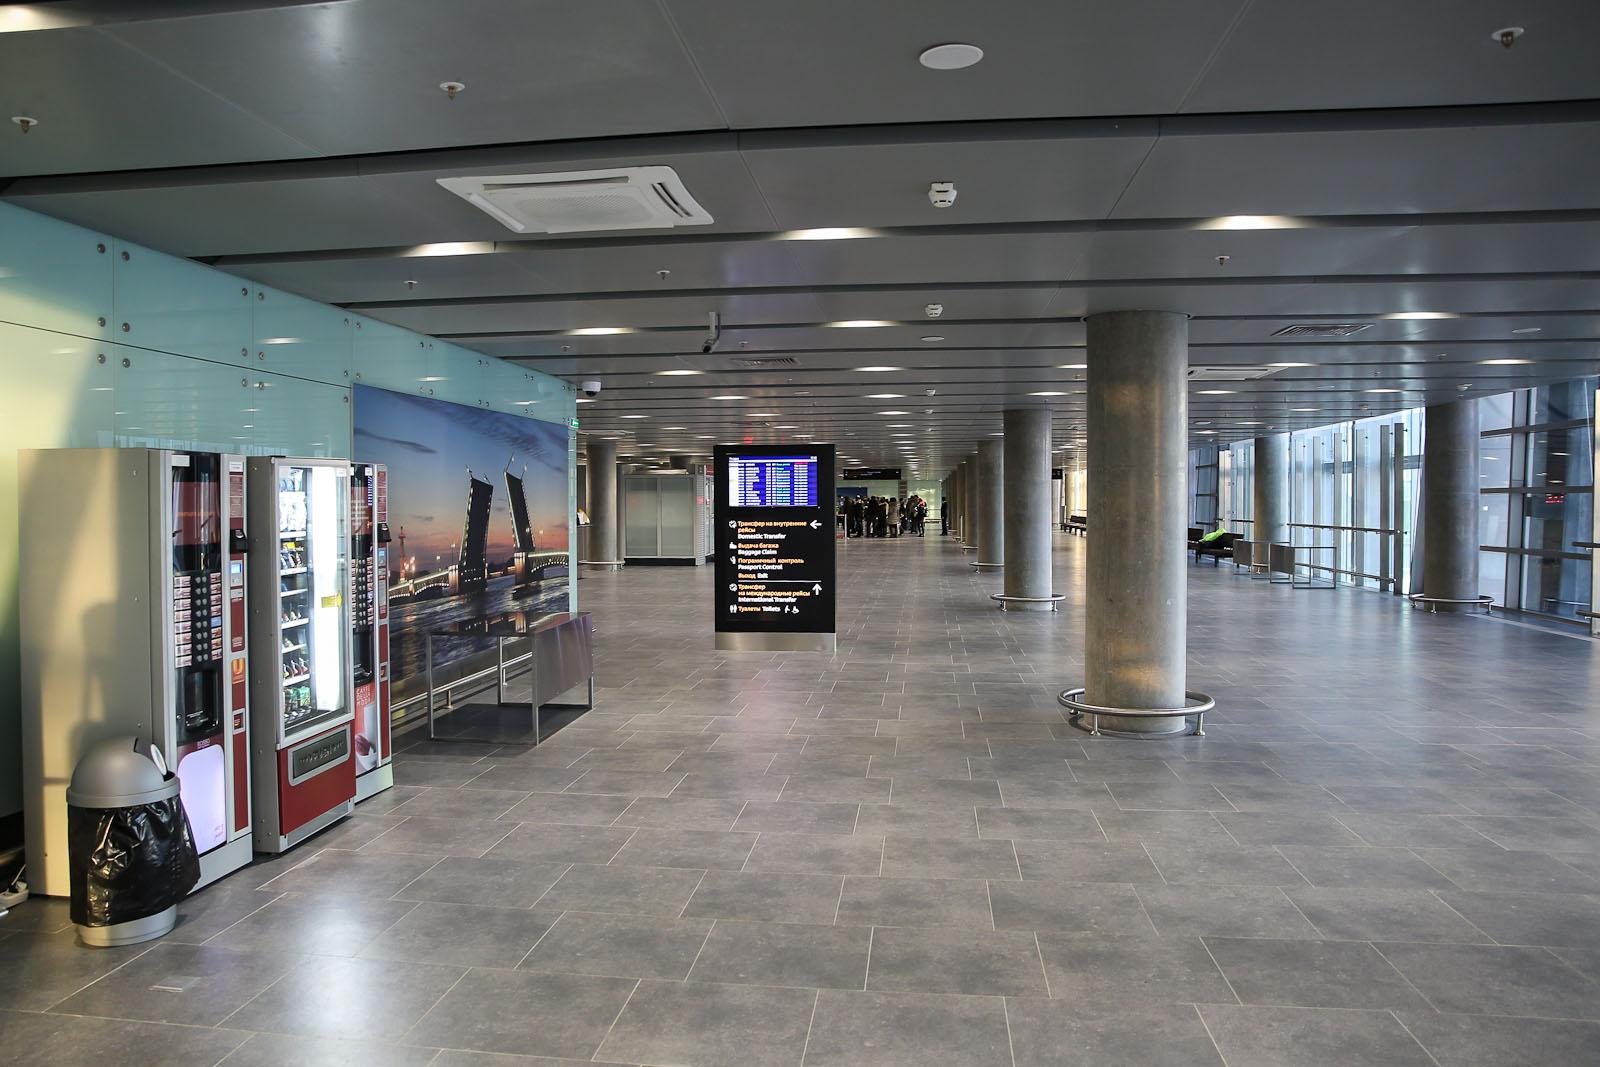 В зоне прилета в новом терминале аэропорта Санкт-Петербург Пулково